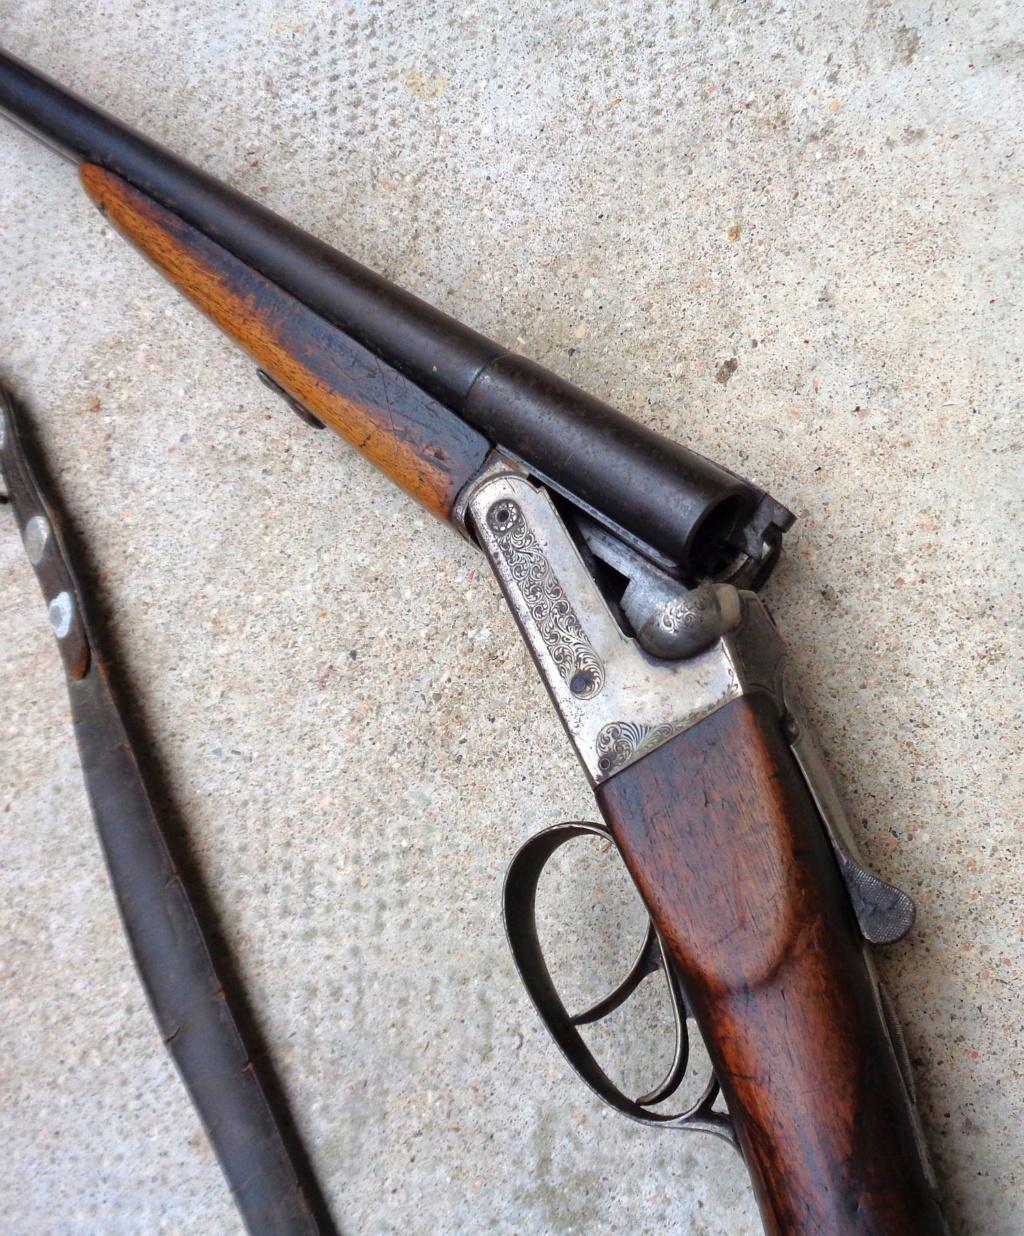 Demande d'identification du millésime et du fabricant d'un fusil de chasse  Dsc04827